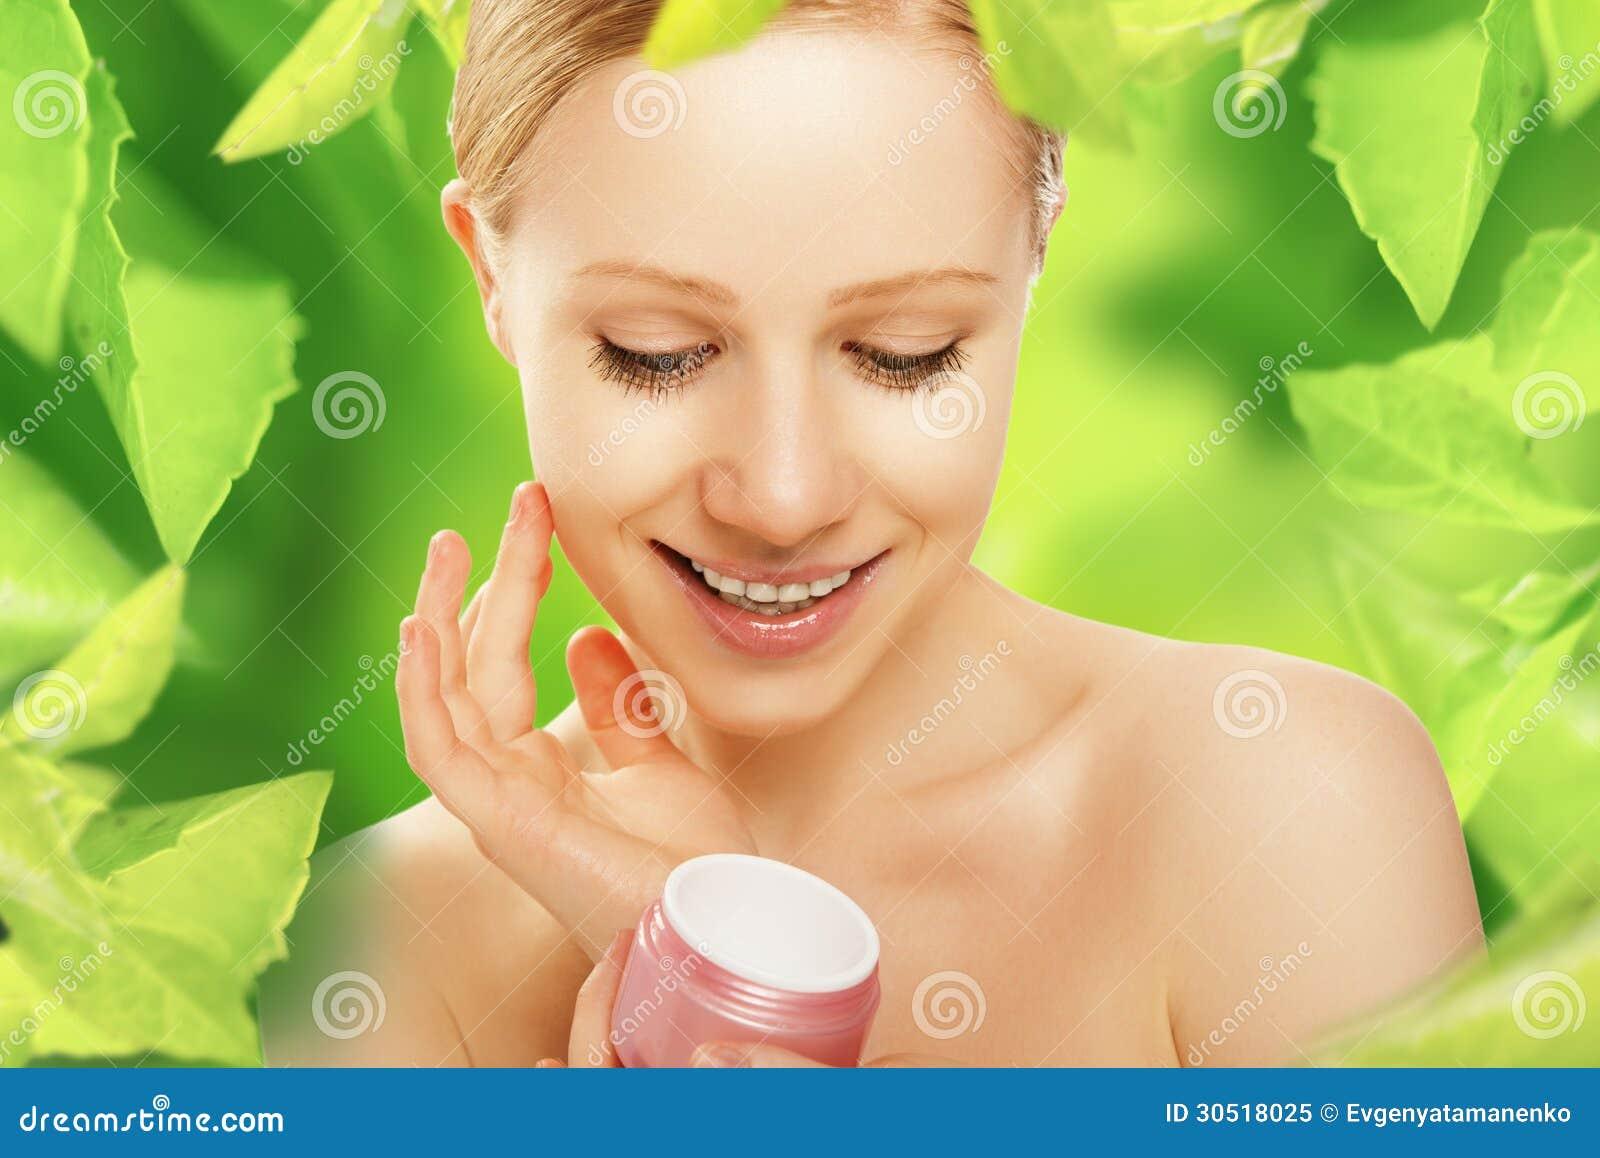 Mujer de la belleza con el cuidado de piel poner crema y natural en verde